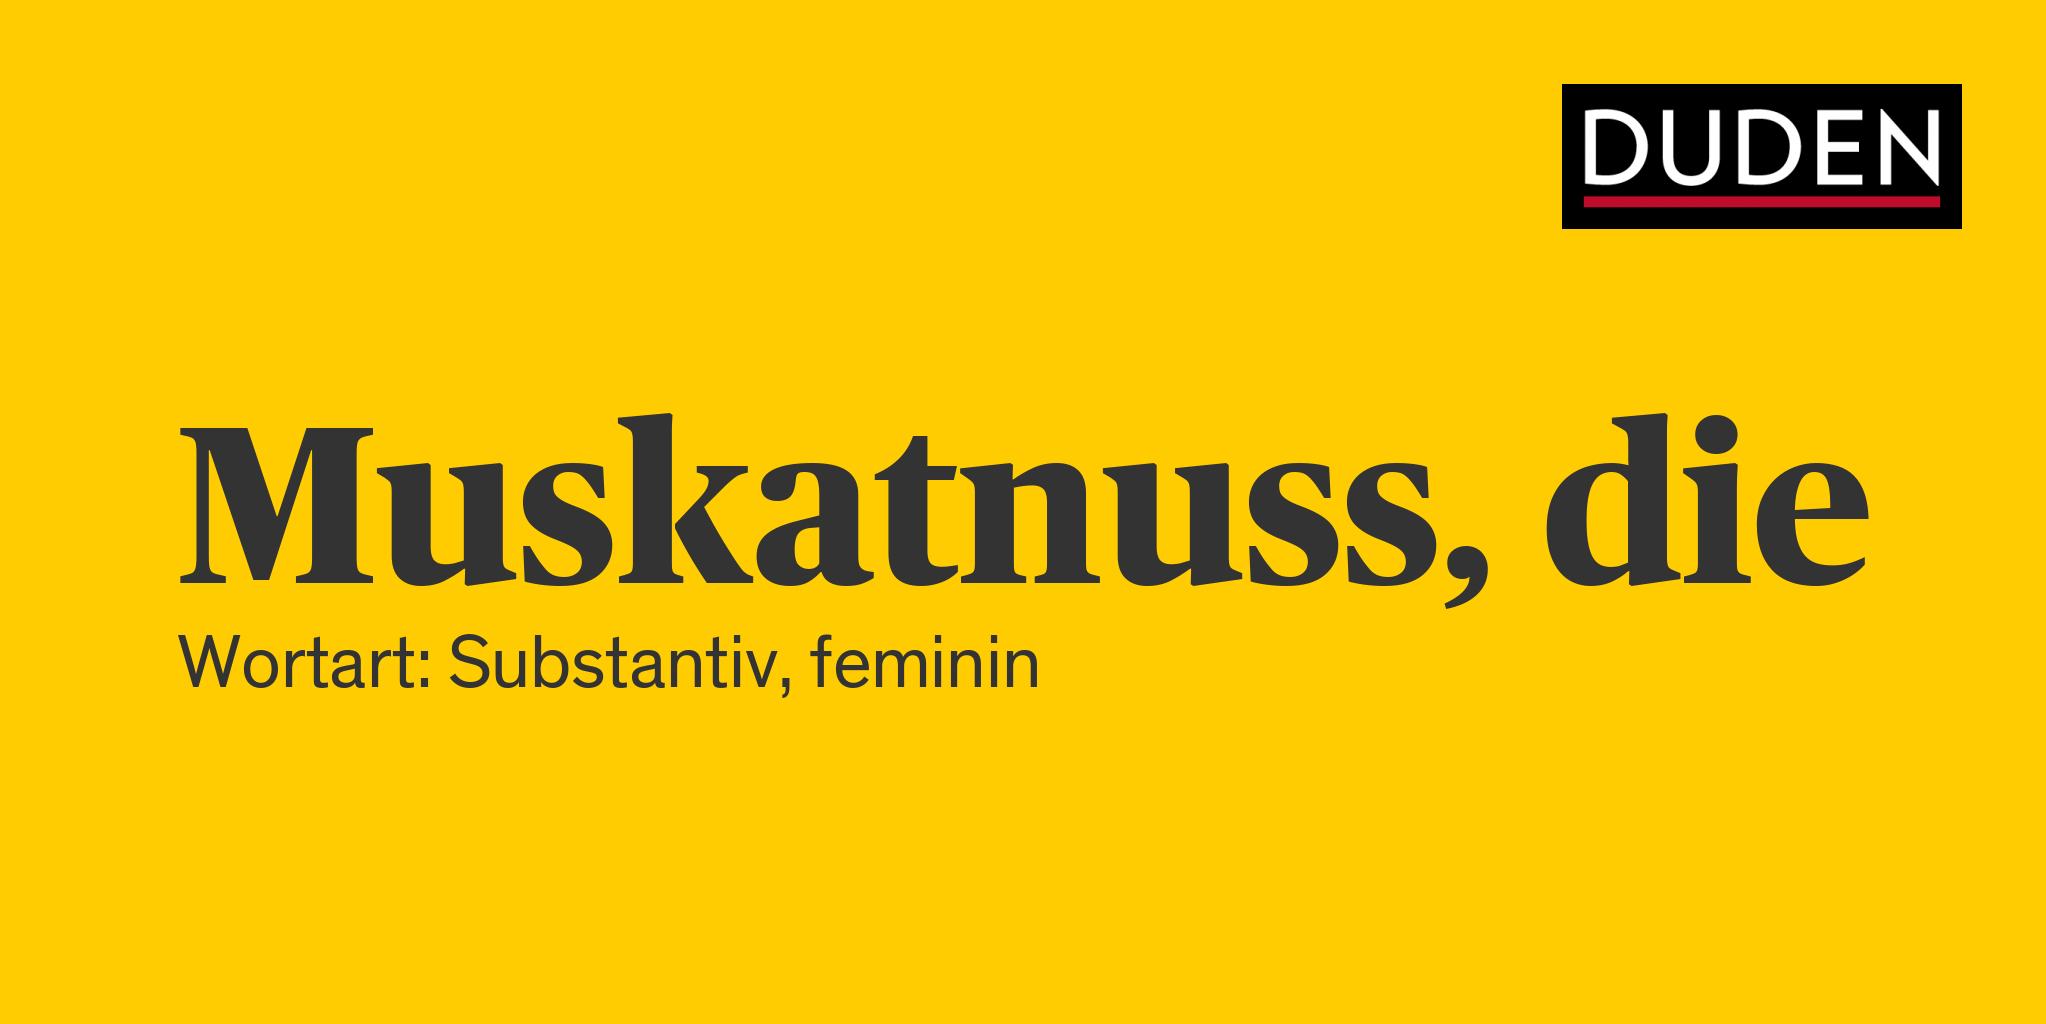 Duden Muskatnuss Rechtschreibung Bedeutung Definition Herkunft